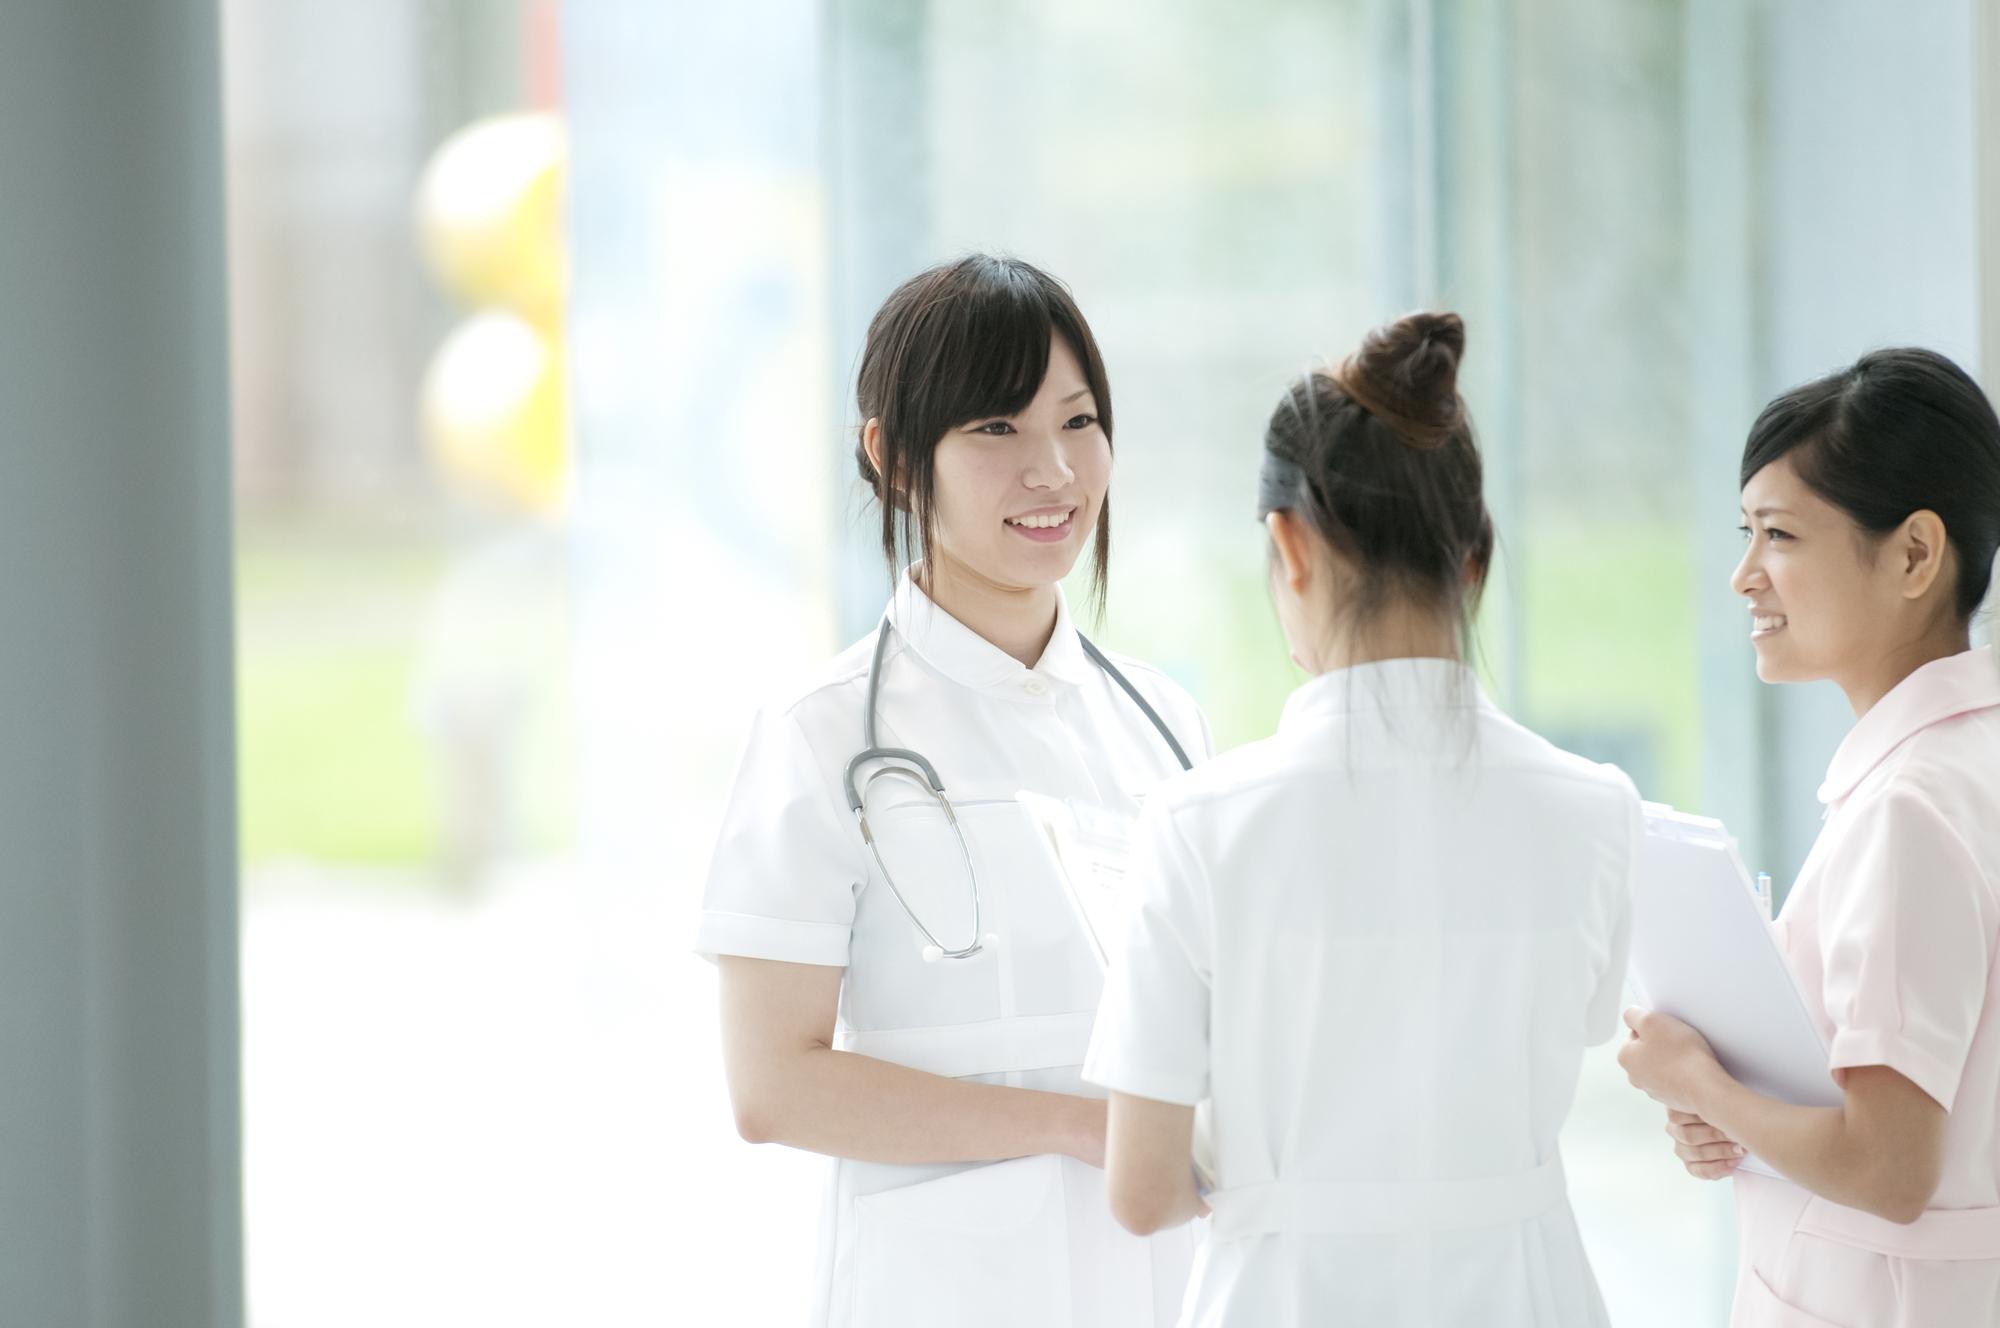 看護師の職場恋愛事情!医師との恋愛のメリット・デメリット